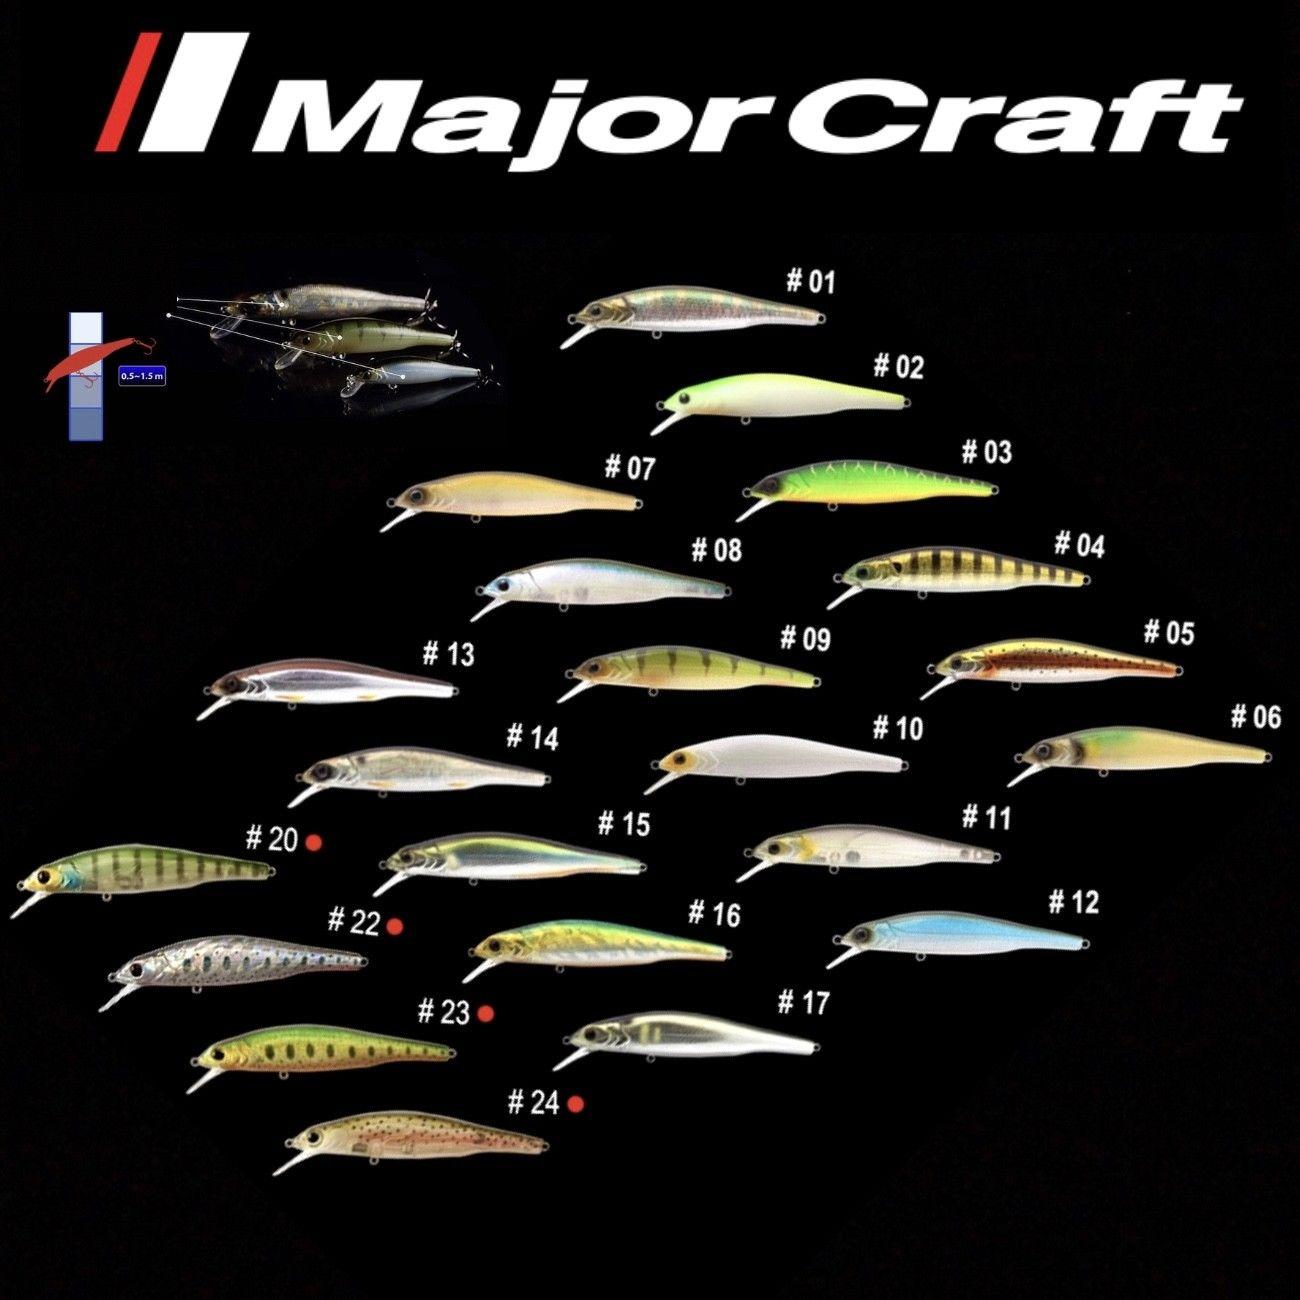 Major Craft Premium Suspending Jerk Bait Lure Zoner Minnow 110